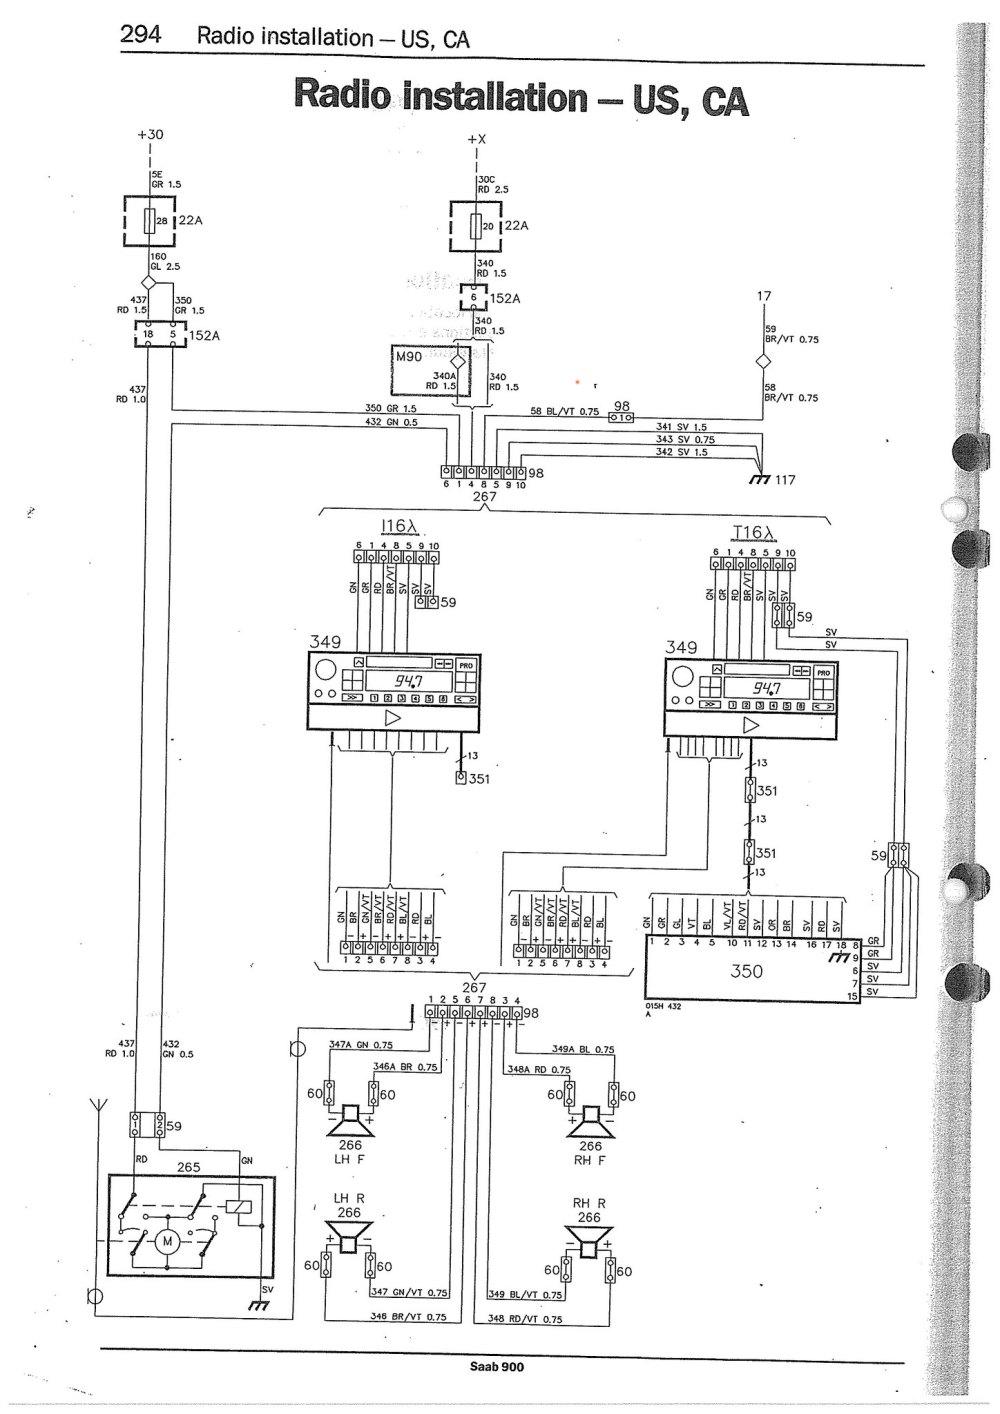 medium resolution of 1996 saab wiring diagram wiring librarysaab 9000 stereo wiring diagram saab get free image about wiring